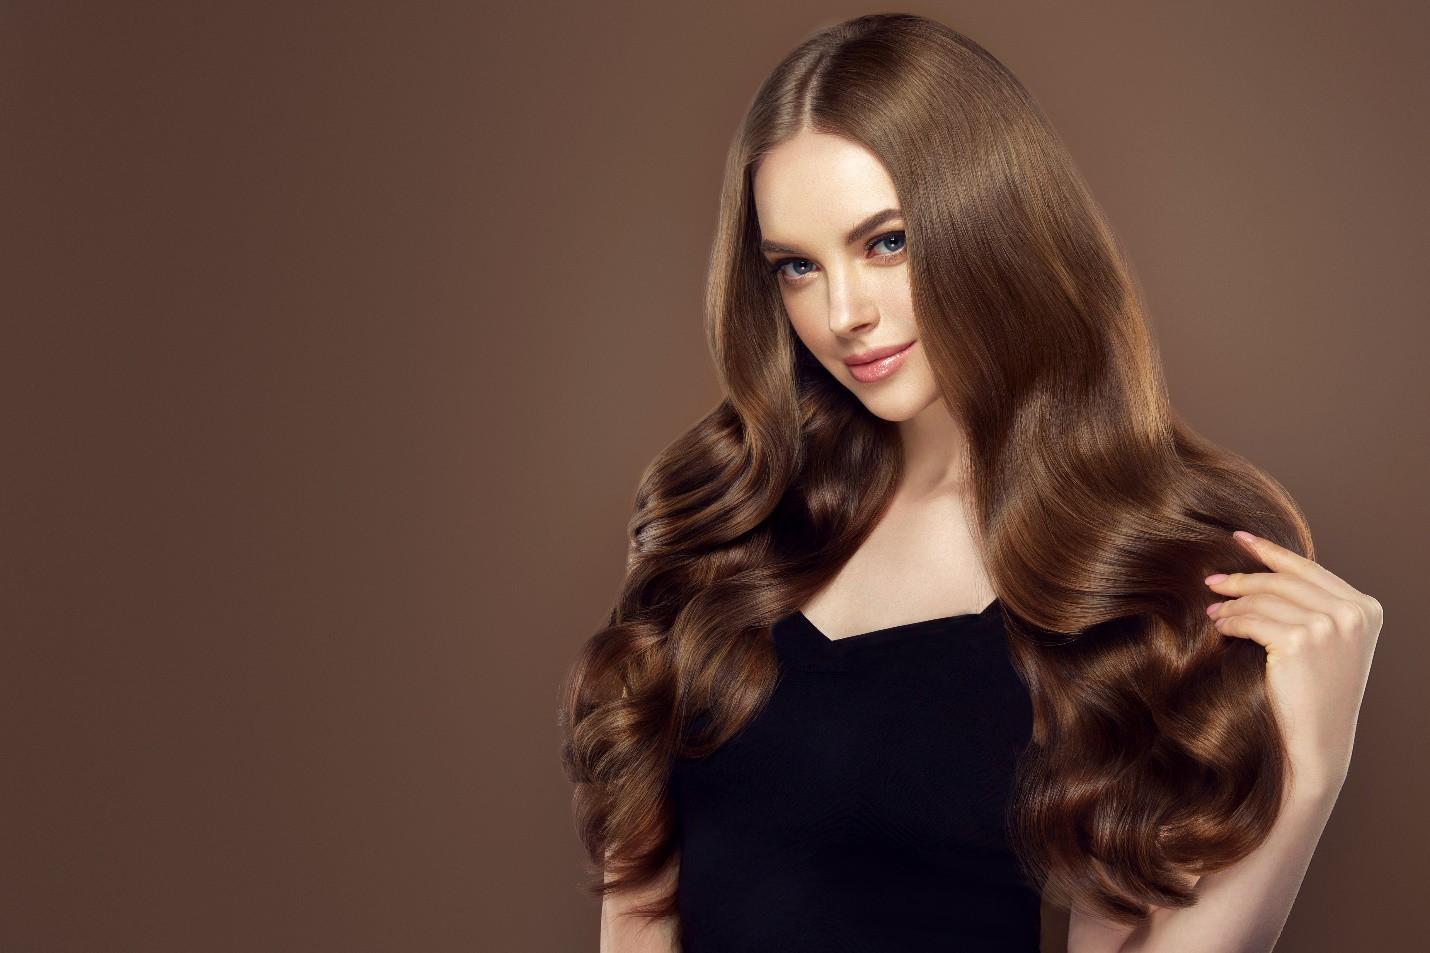 Sả có tác dụng nuôi dưỡng tóc